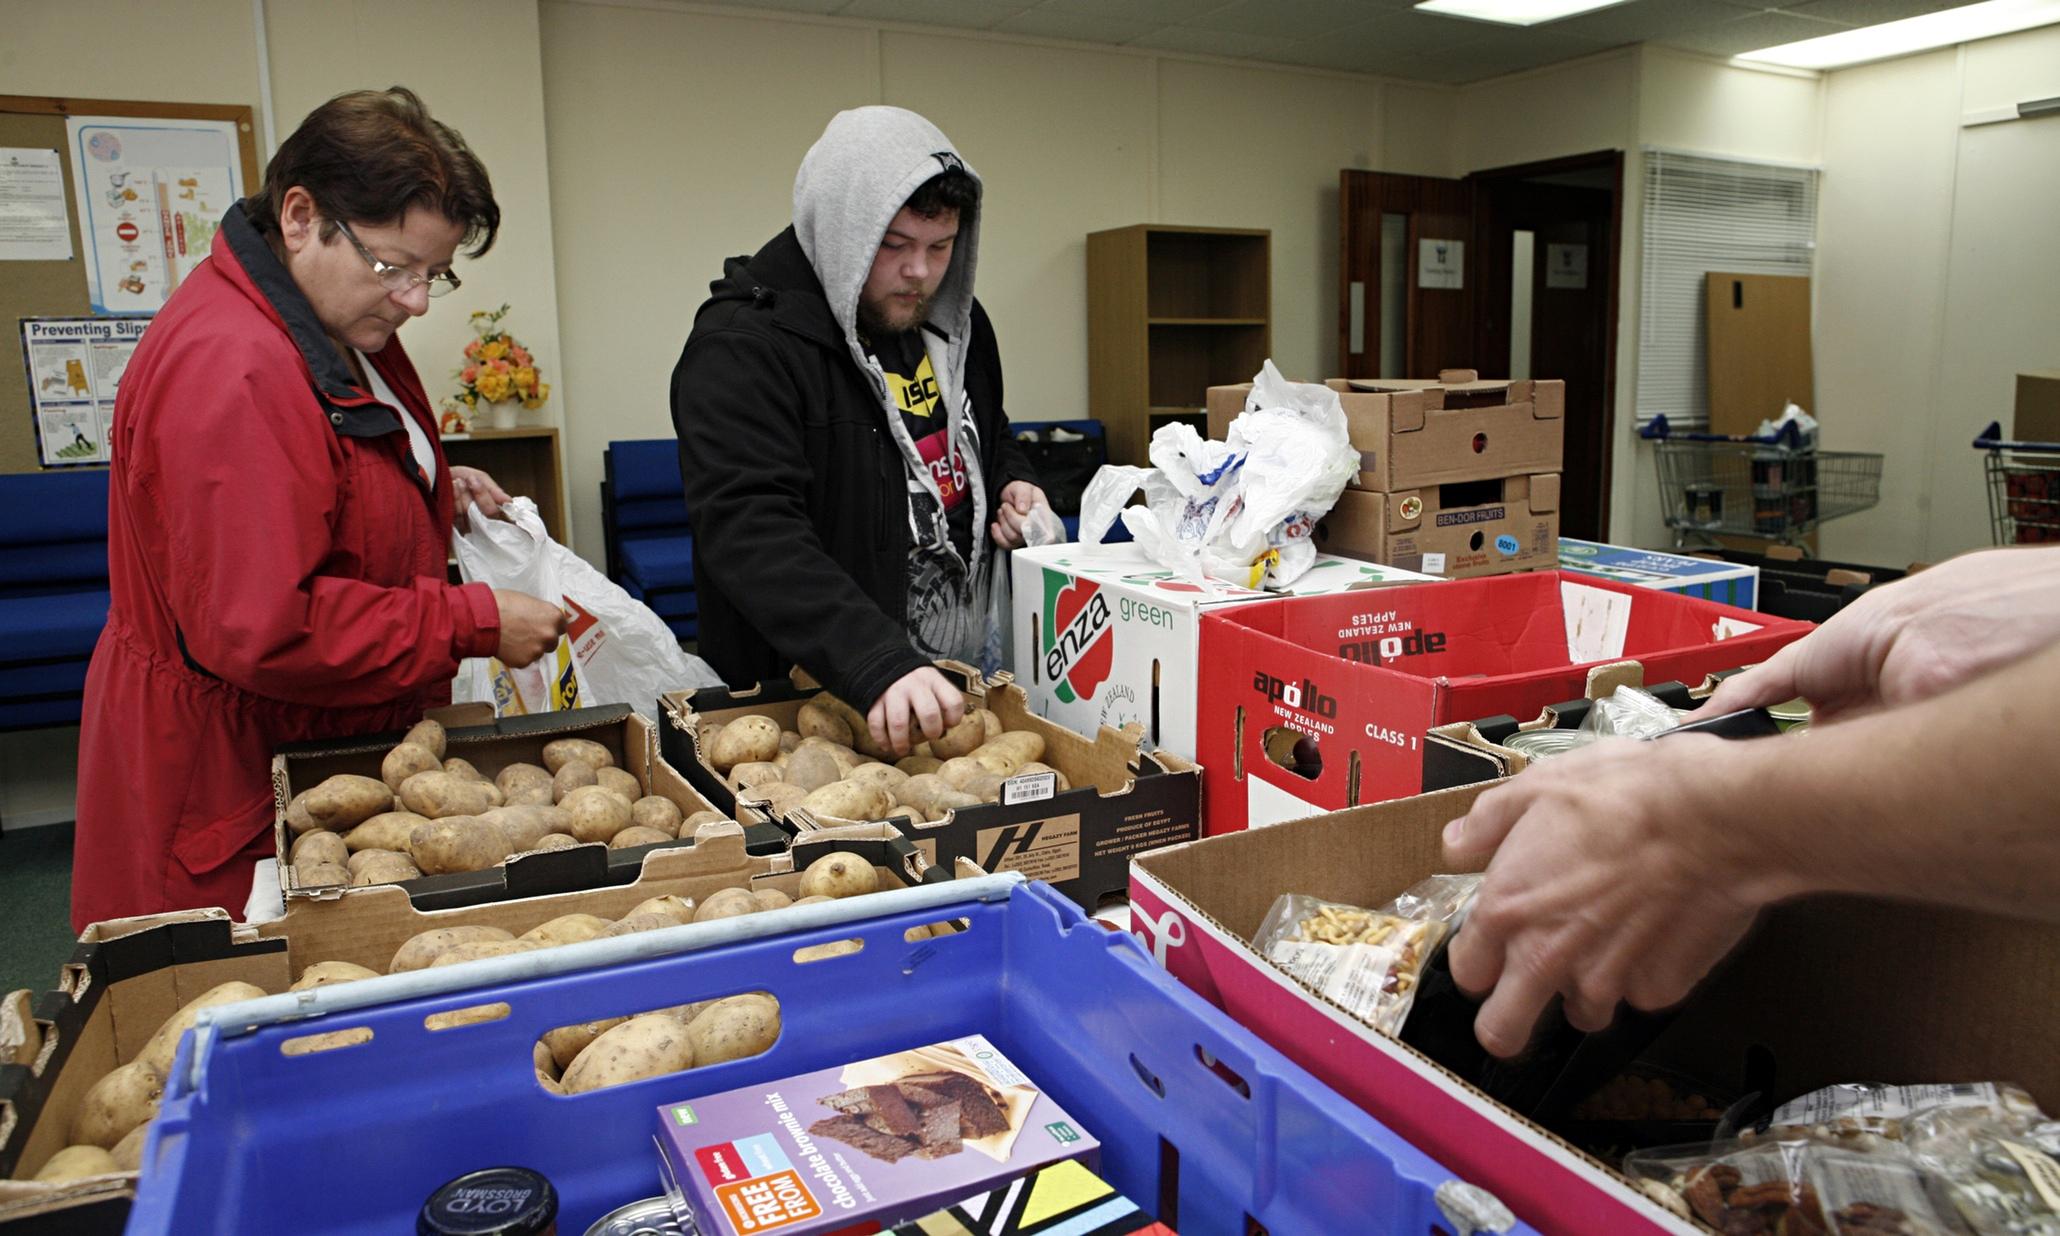 Una food bank di Hull -Uk- ( foto The Guardian)